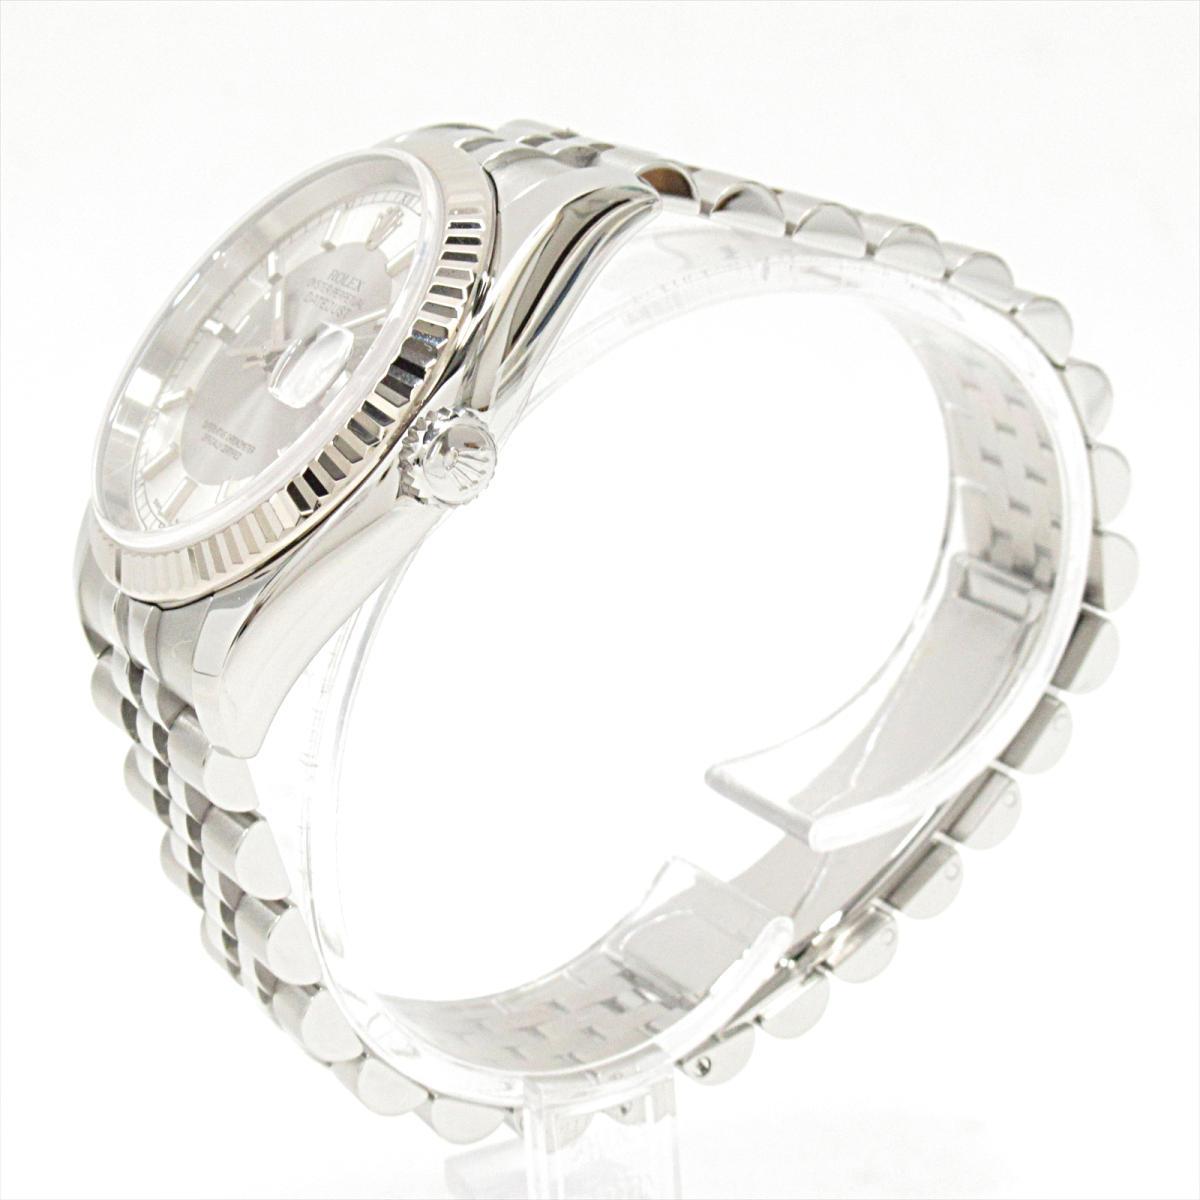 ROLEX 時計 116234 デイトジャスト 腕時計 ウォッチ/おすすめ/SALE